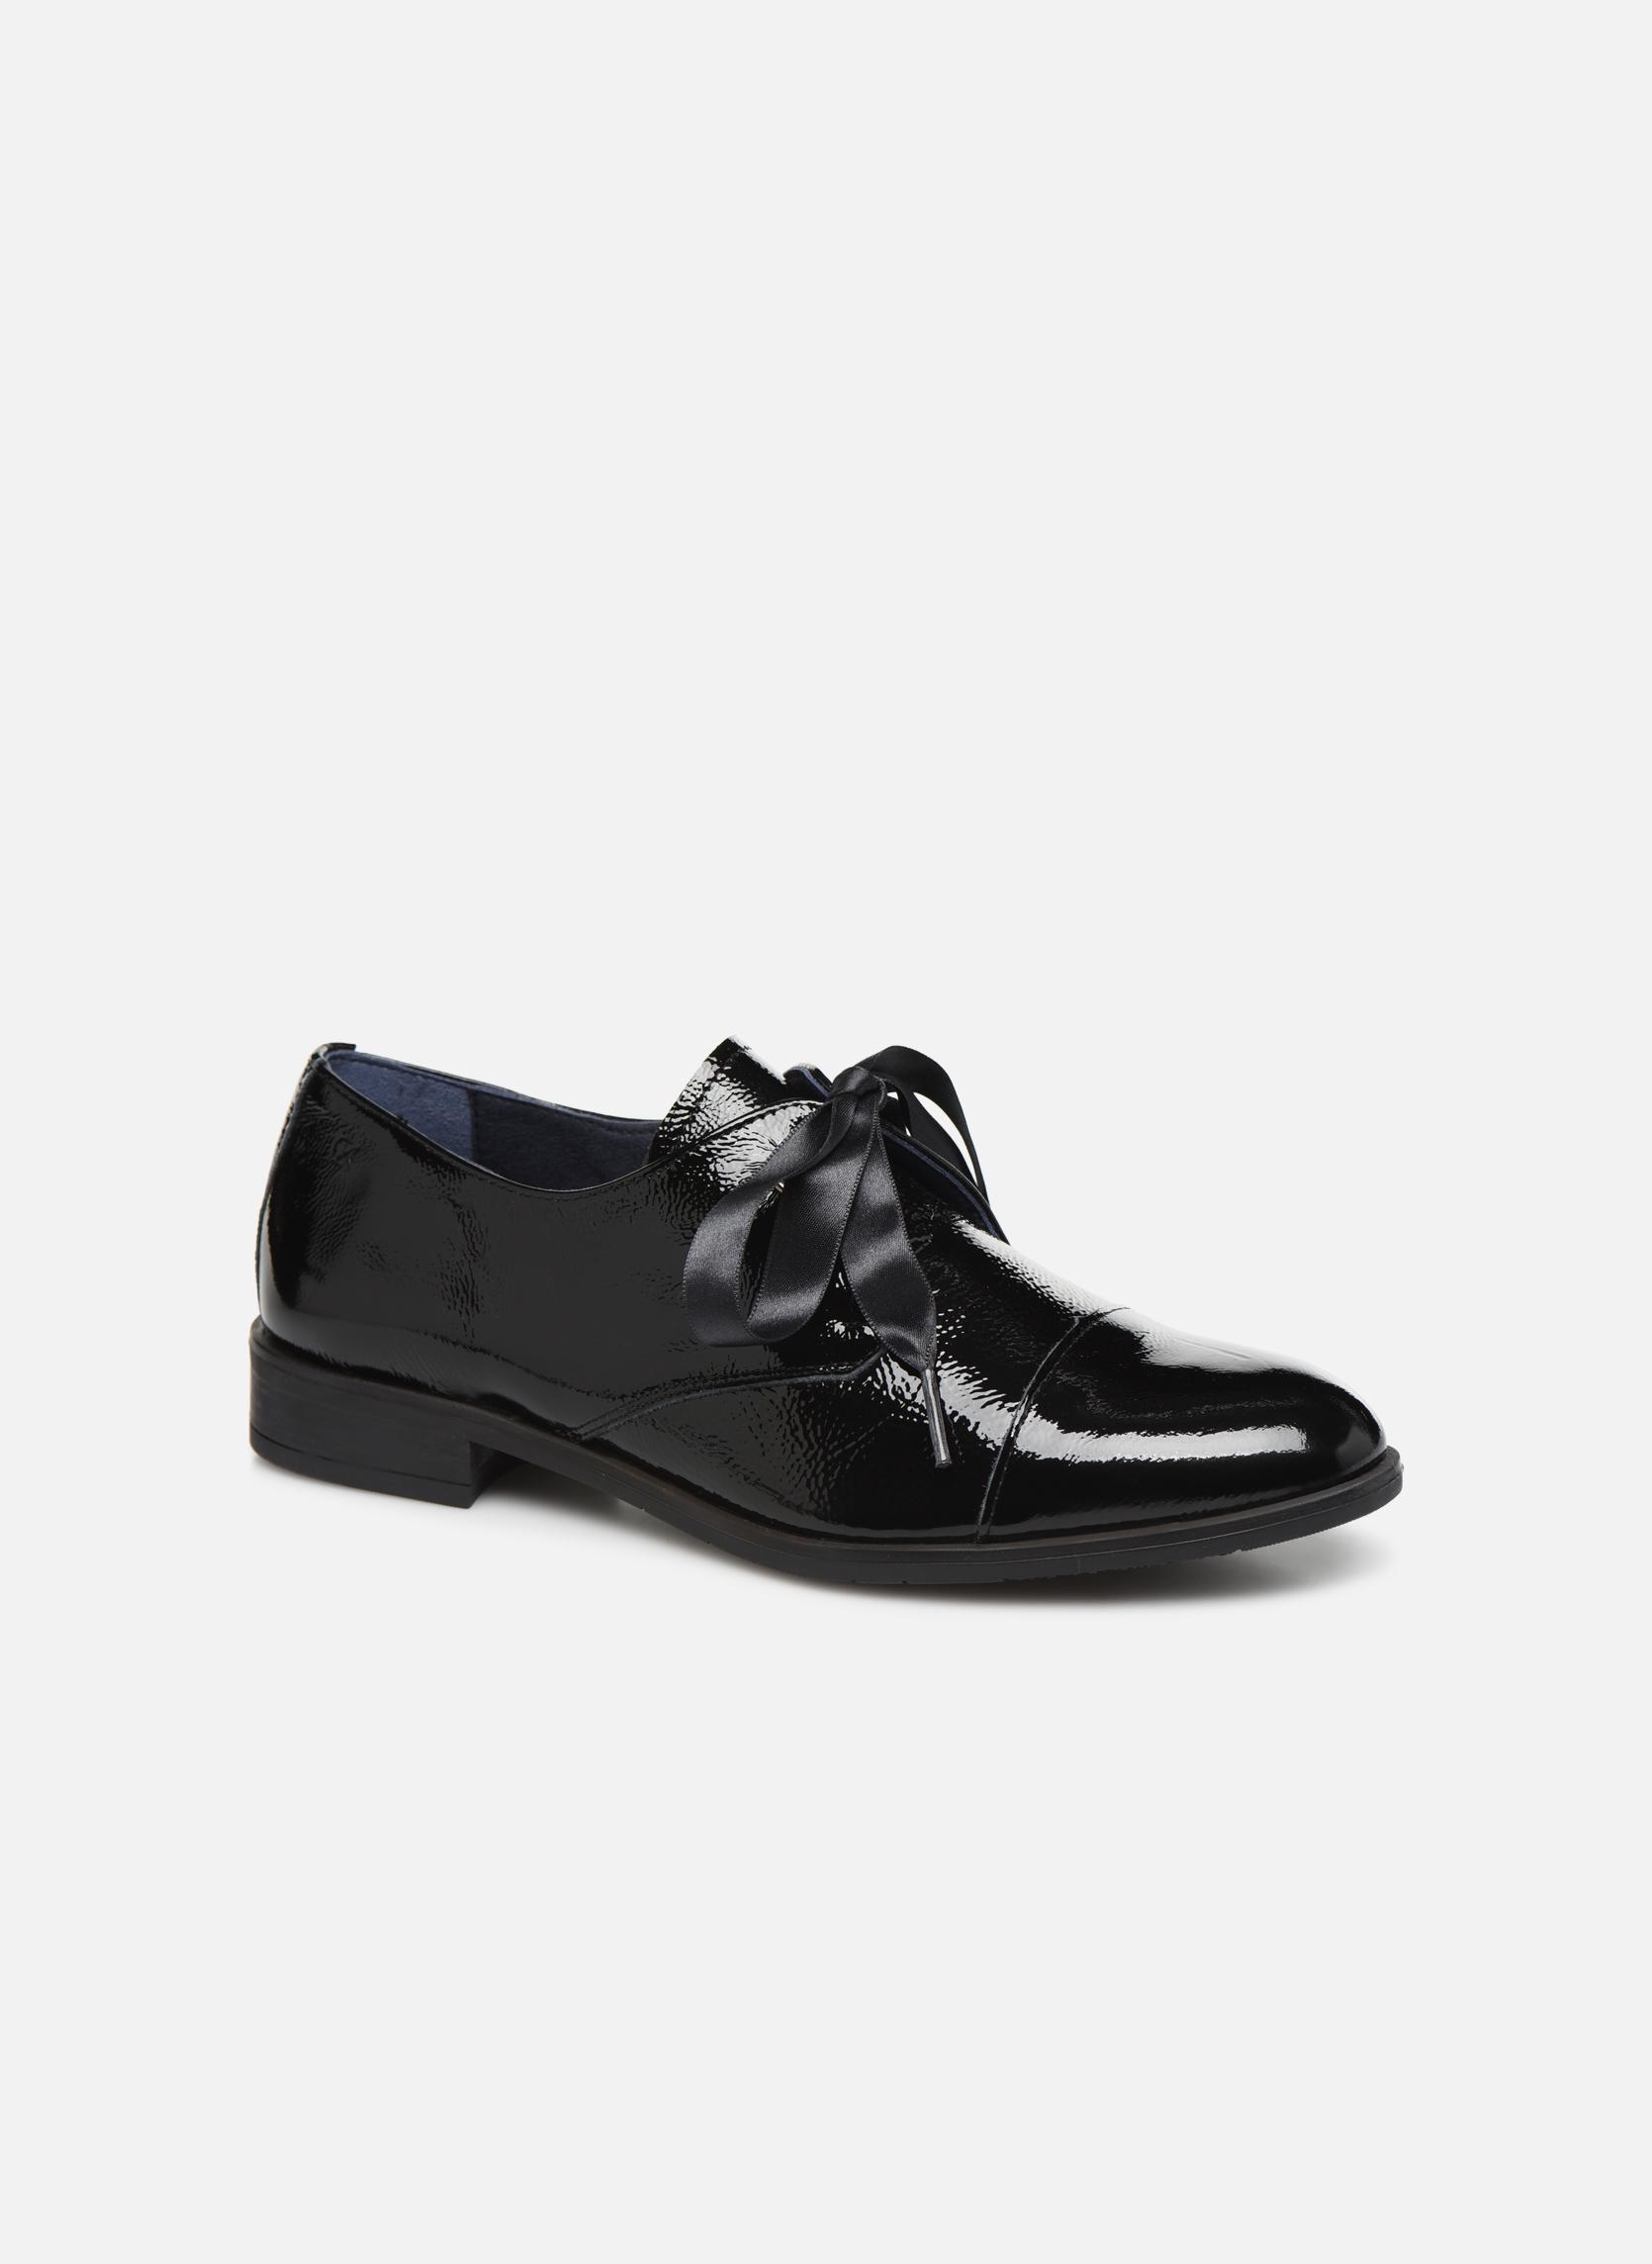 Venta de liquidación de temporada  Dorking Vesna 7631 cordones (Negro) - Zapatos con cordones 7631 en Más cómodo 004274